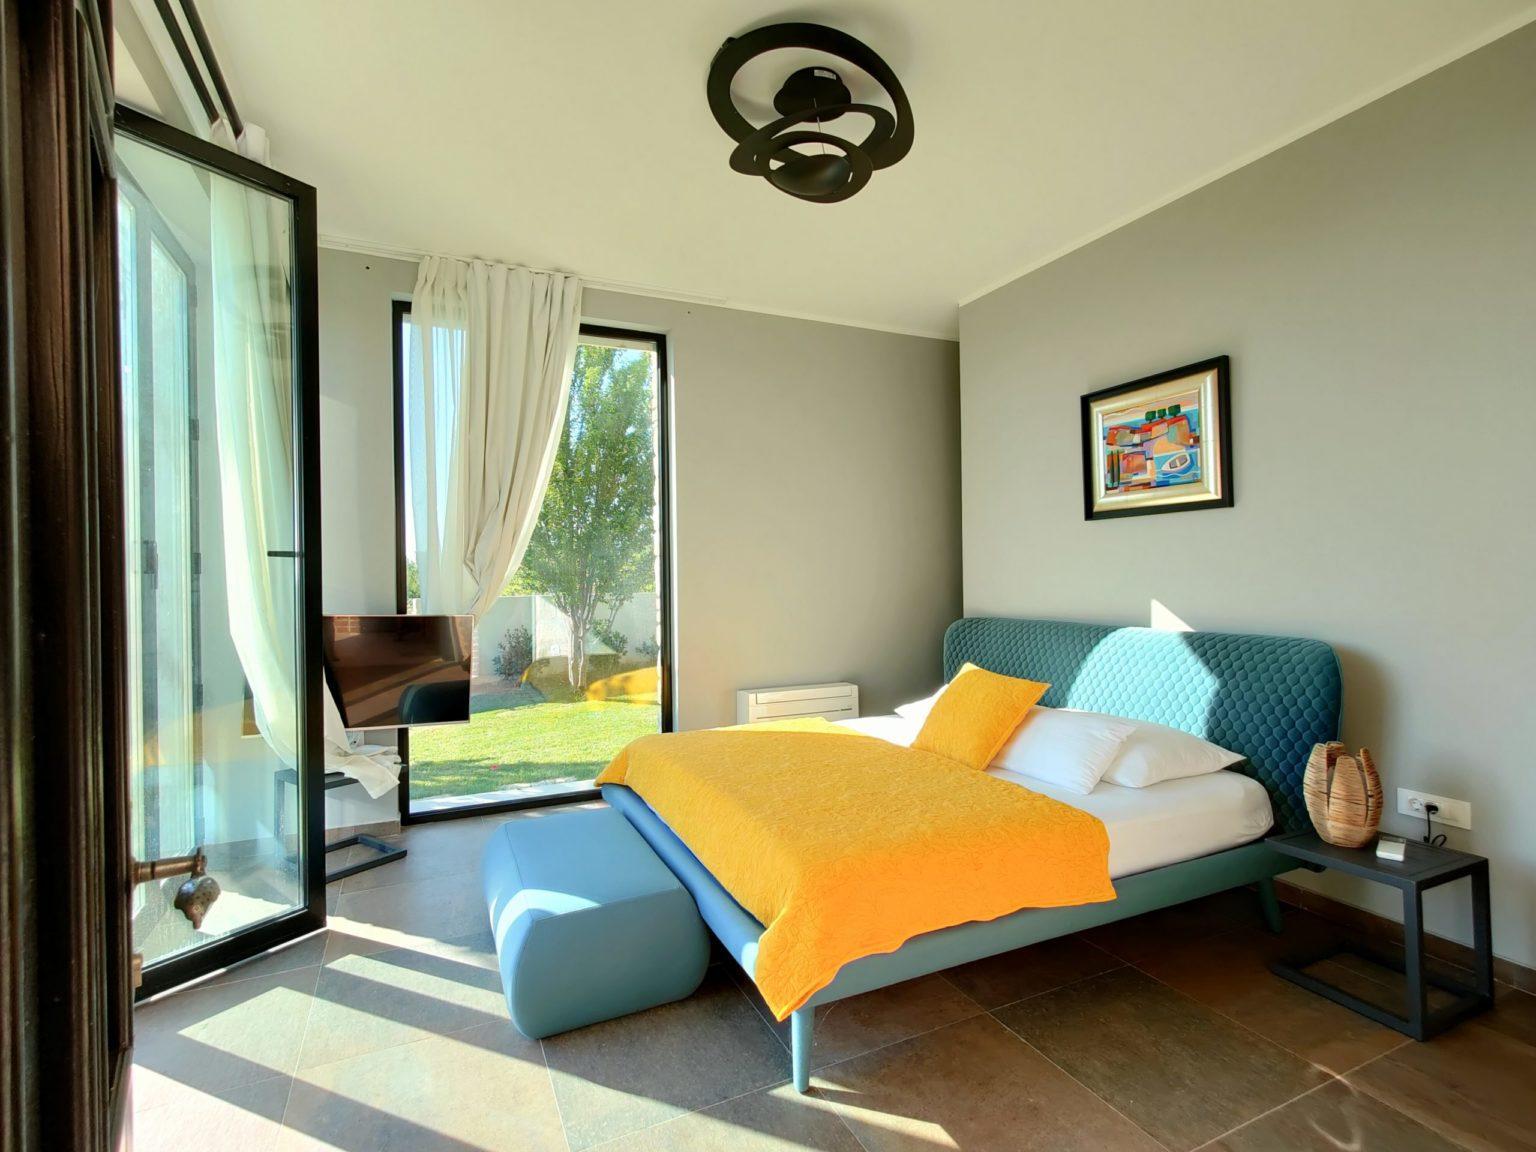 hochzeitslocation Kroatien location hochzeit heiraten 20 2 scaled - Moderne Villa